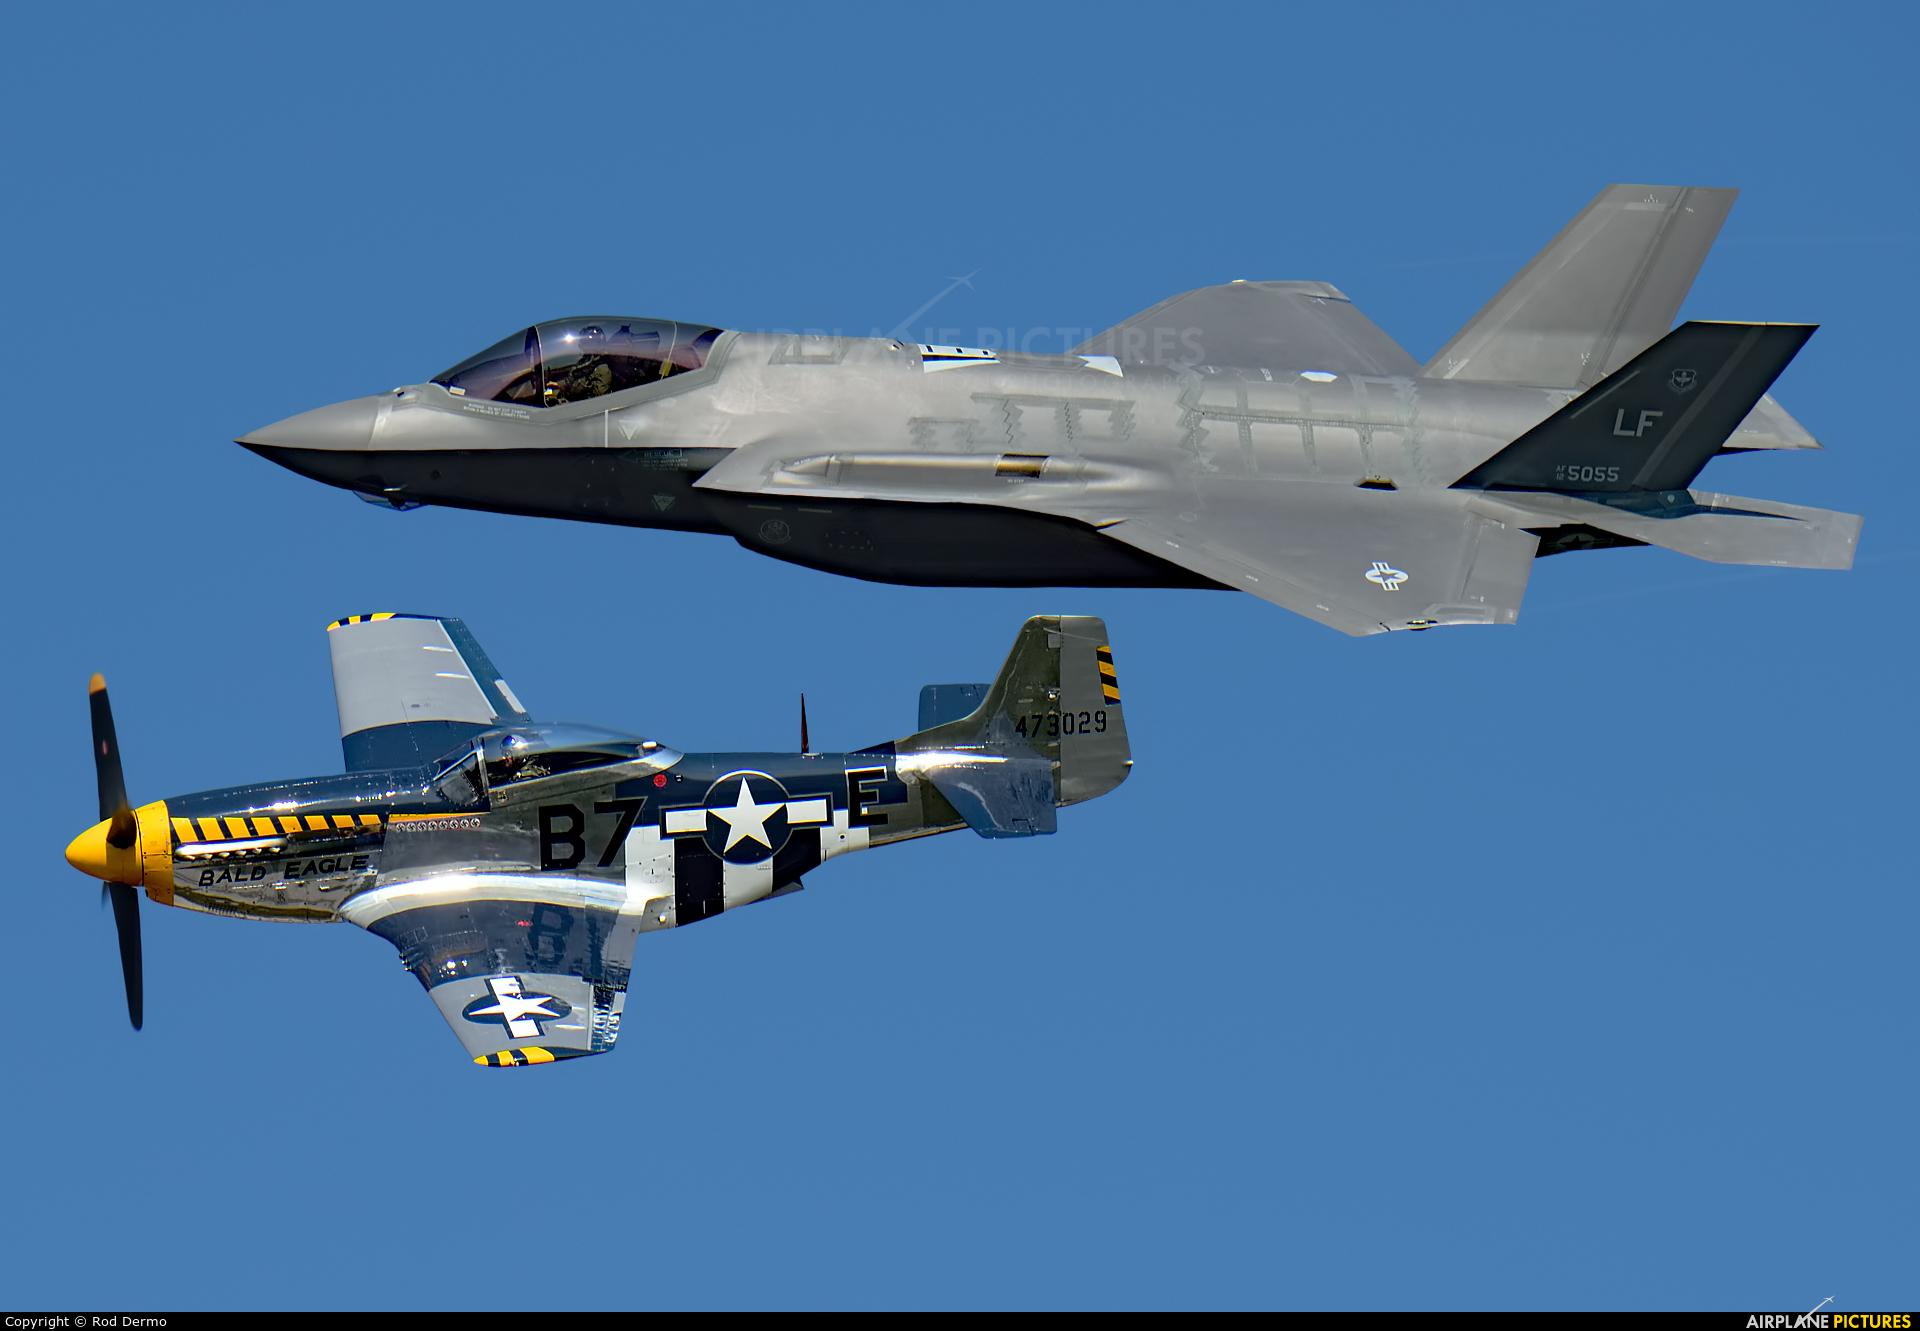 USA - Air Force 12-5055 aircraft at London  Intl, ON